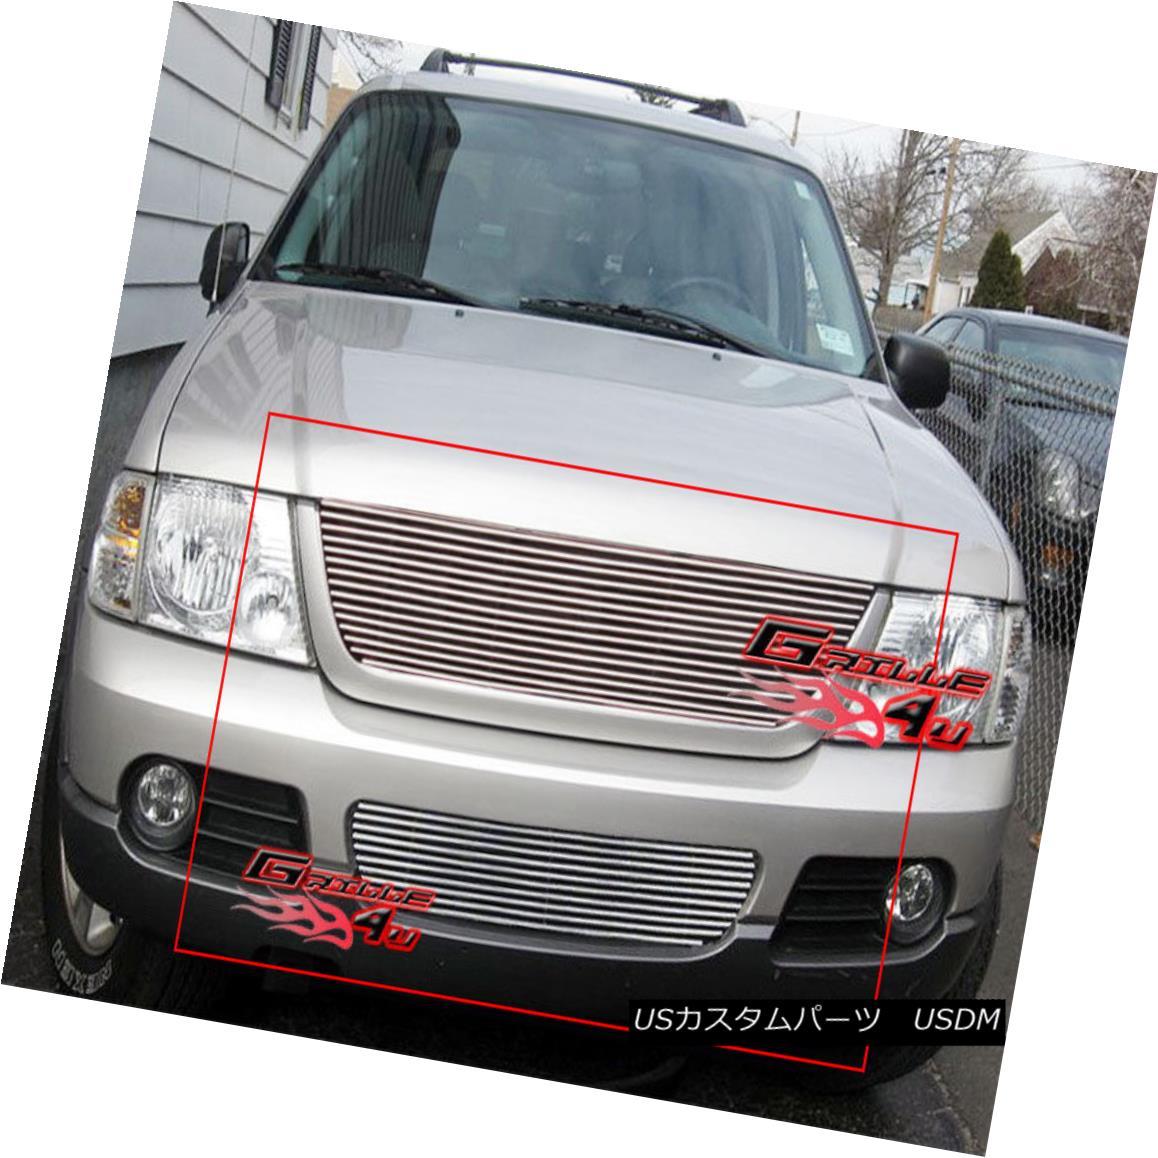 グリル Fits 2002-2005 Ford Explorer Billet Grille Combo Upper+Bumper フィット2002-2005フォードエクスプローラービレットグリルコンボアッパー+バンパー